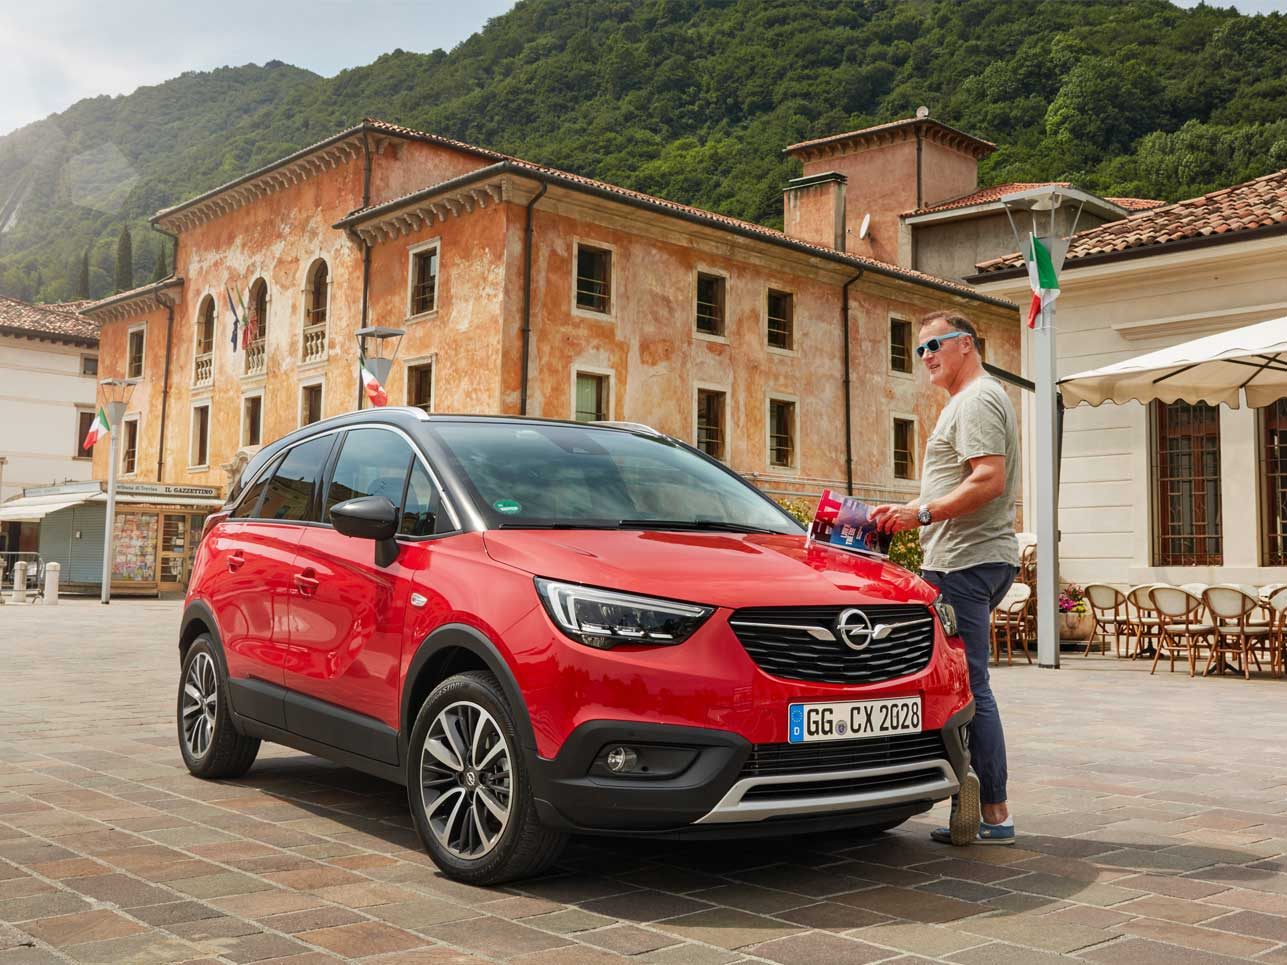 Chefredakteur Hartmut dam genießt mit dem Opel Crossland das Dolce Vita.